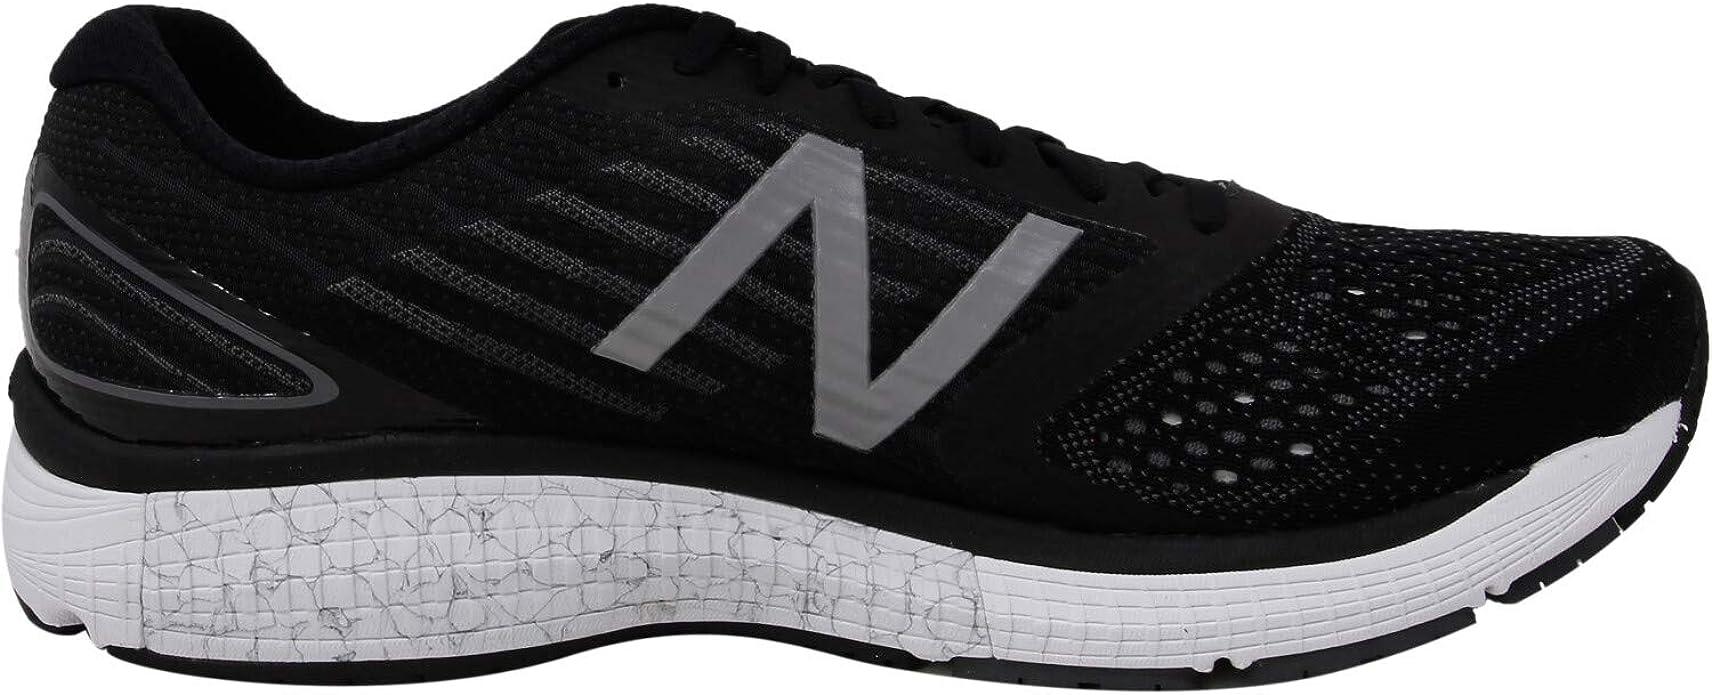 New Balance Men's 860v9 Running Shoe